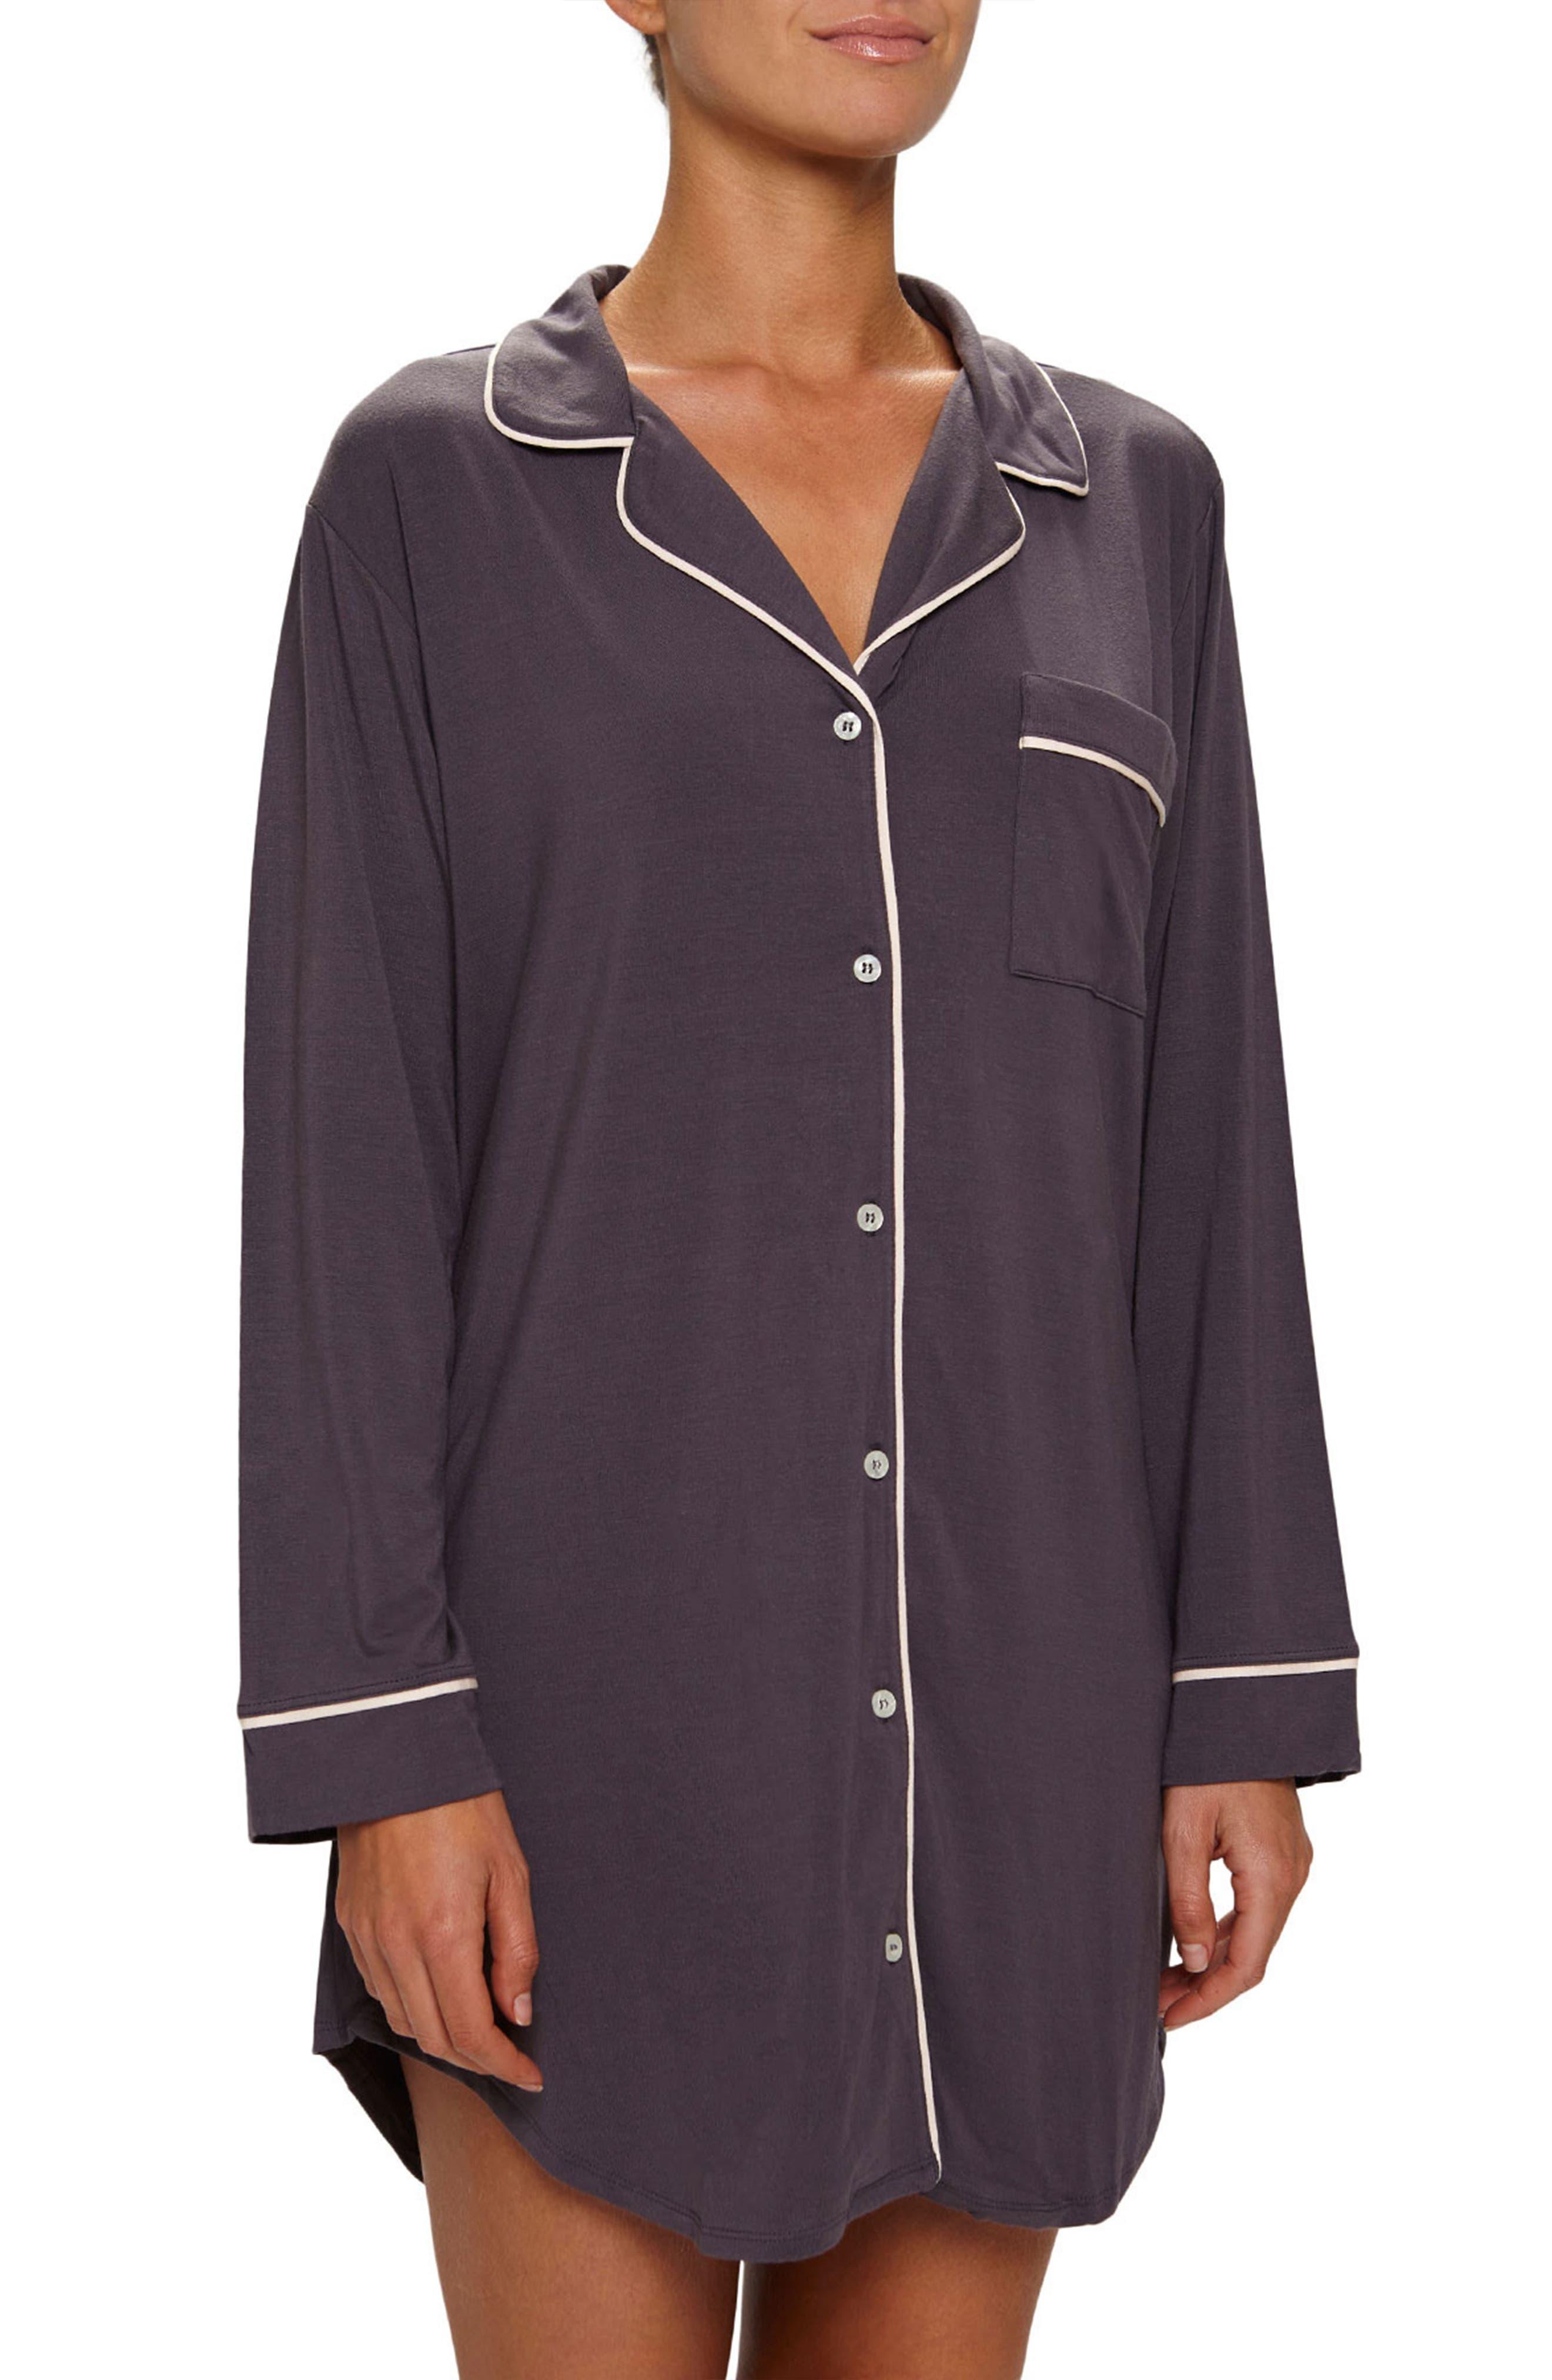 Gisele Stretch Jersey Sleep Shirt,                         Main,                         color, Pebble